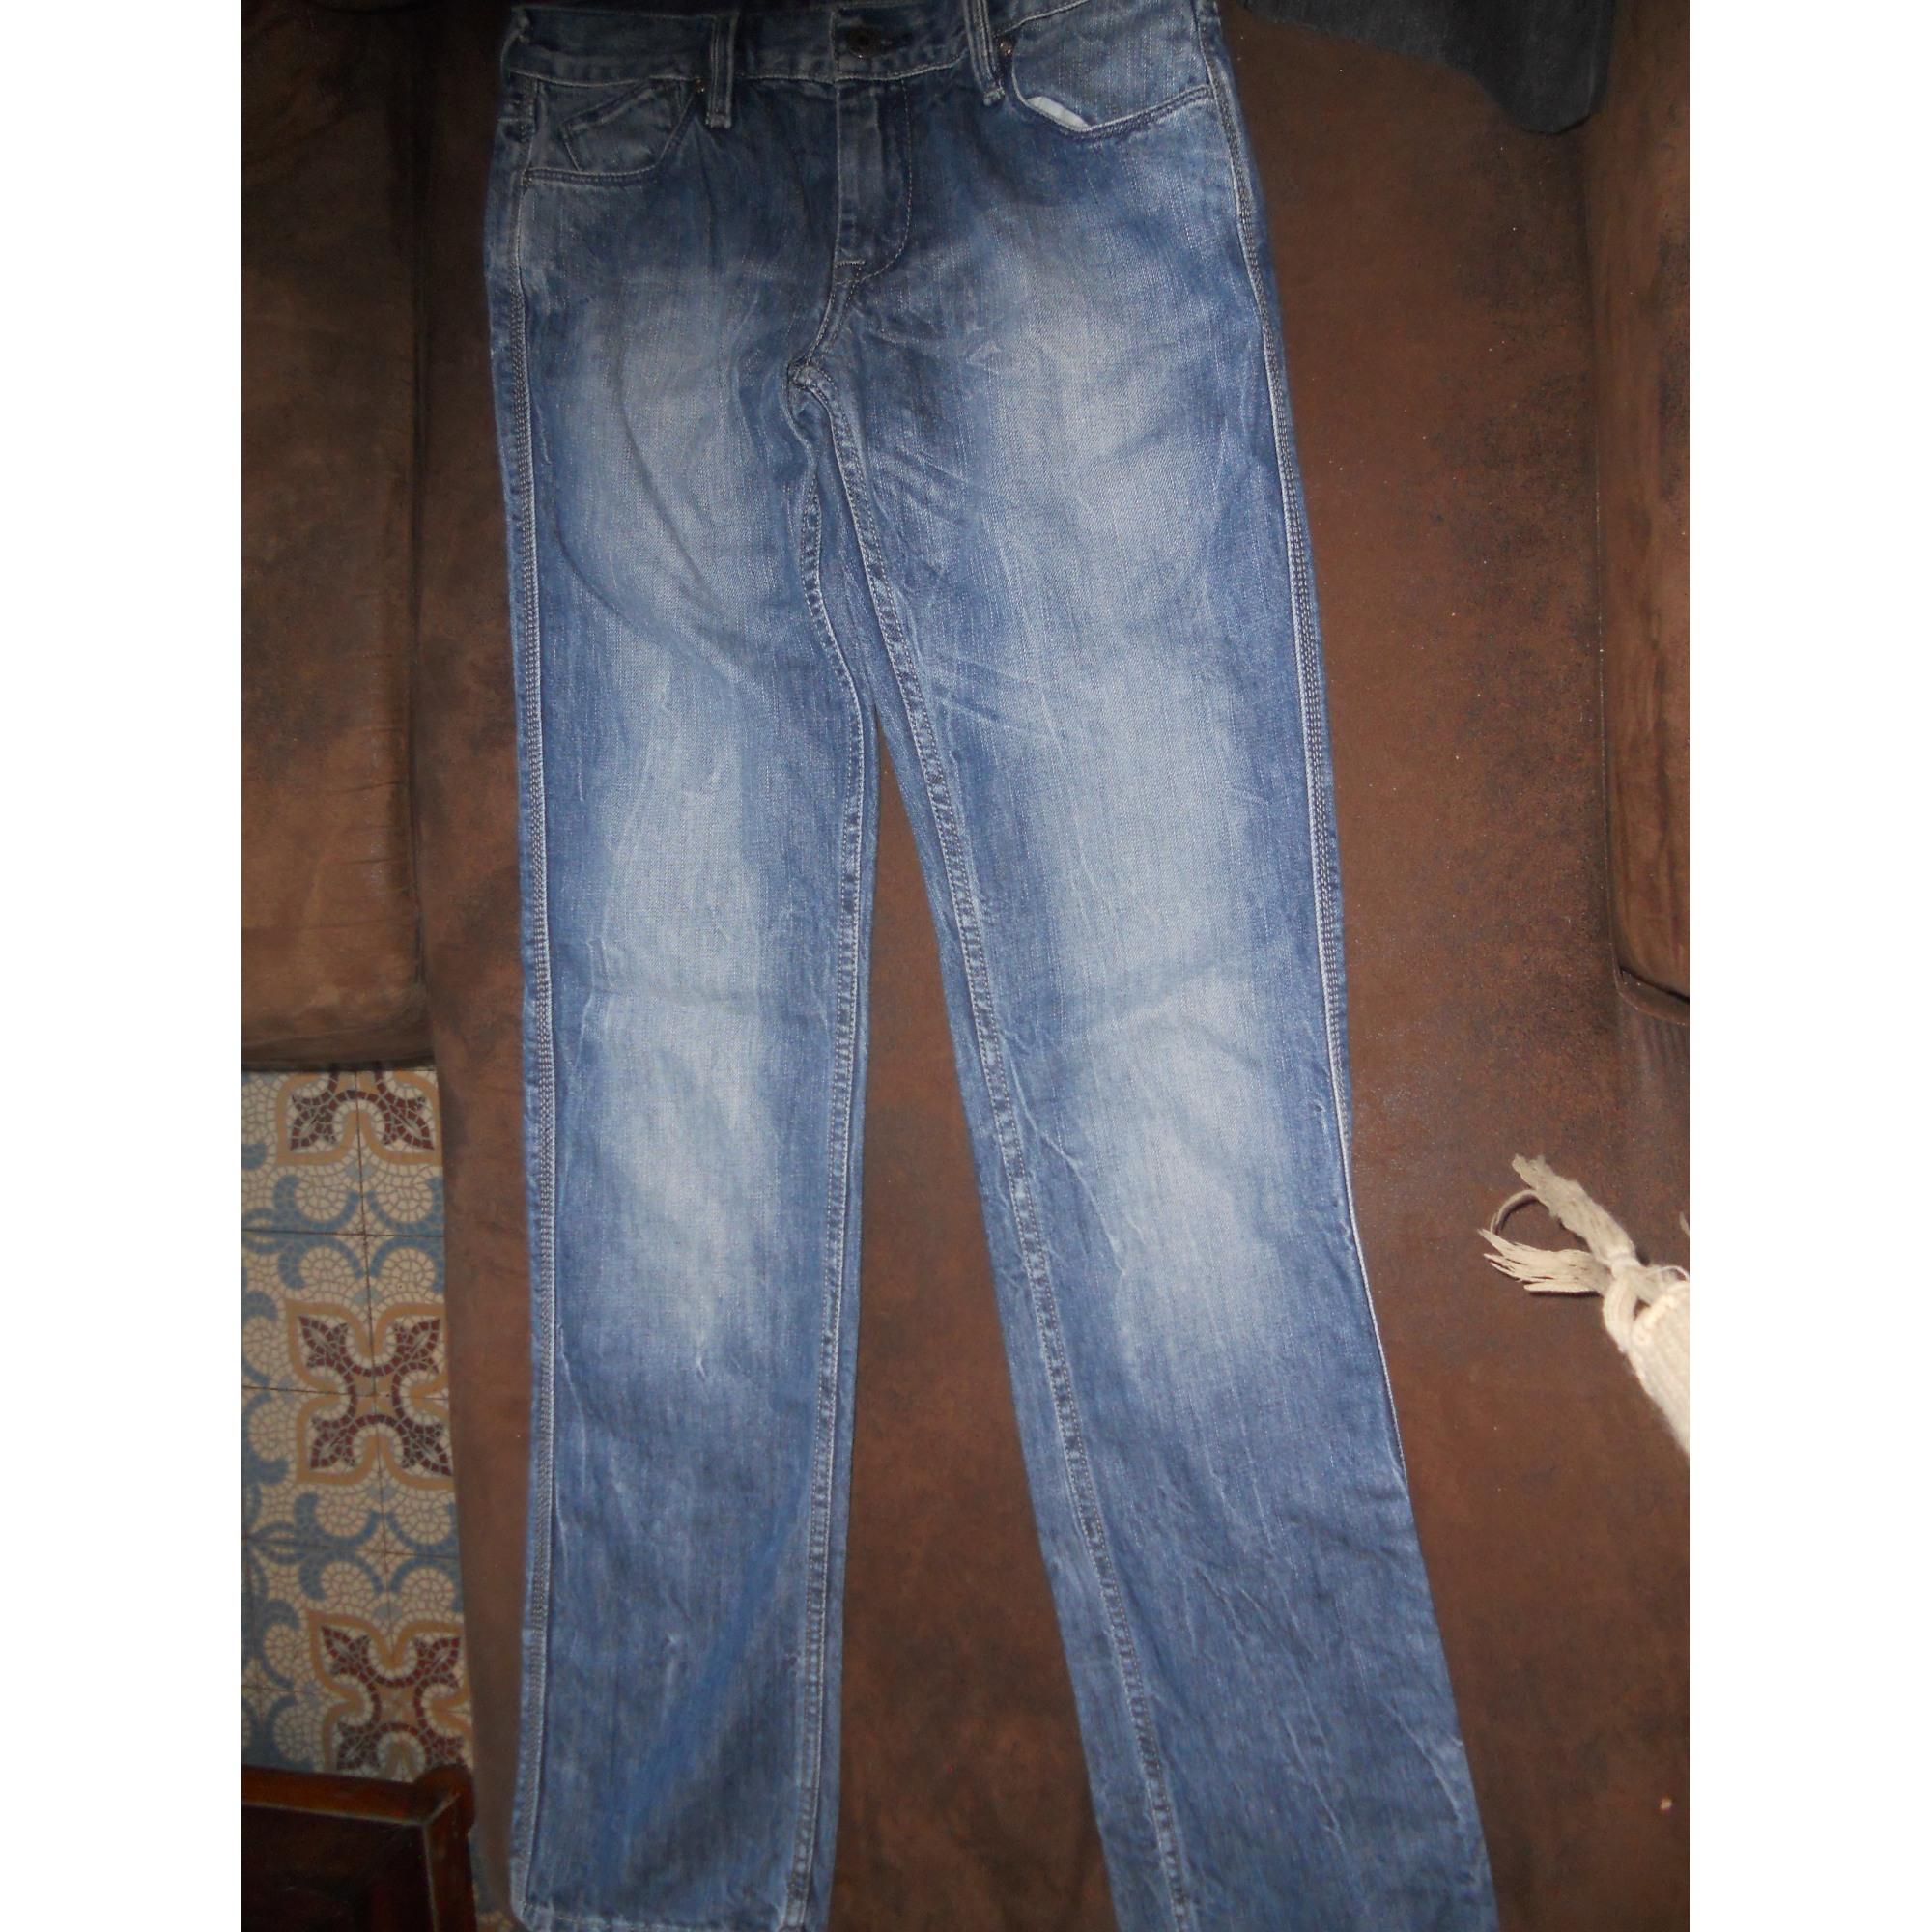 Pantalon LE TEMPS DES CERISES denim, jean bleu 11-12 ans